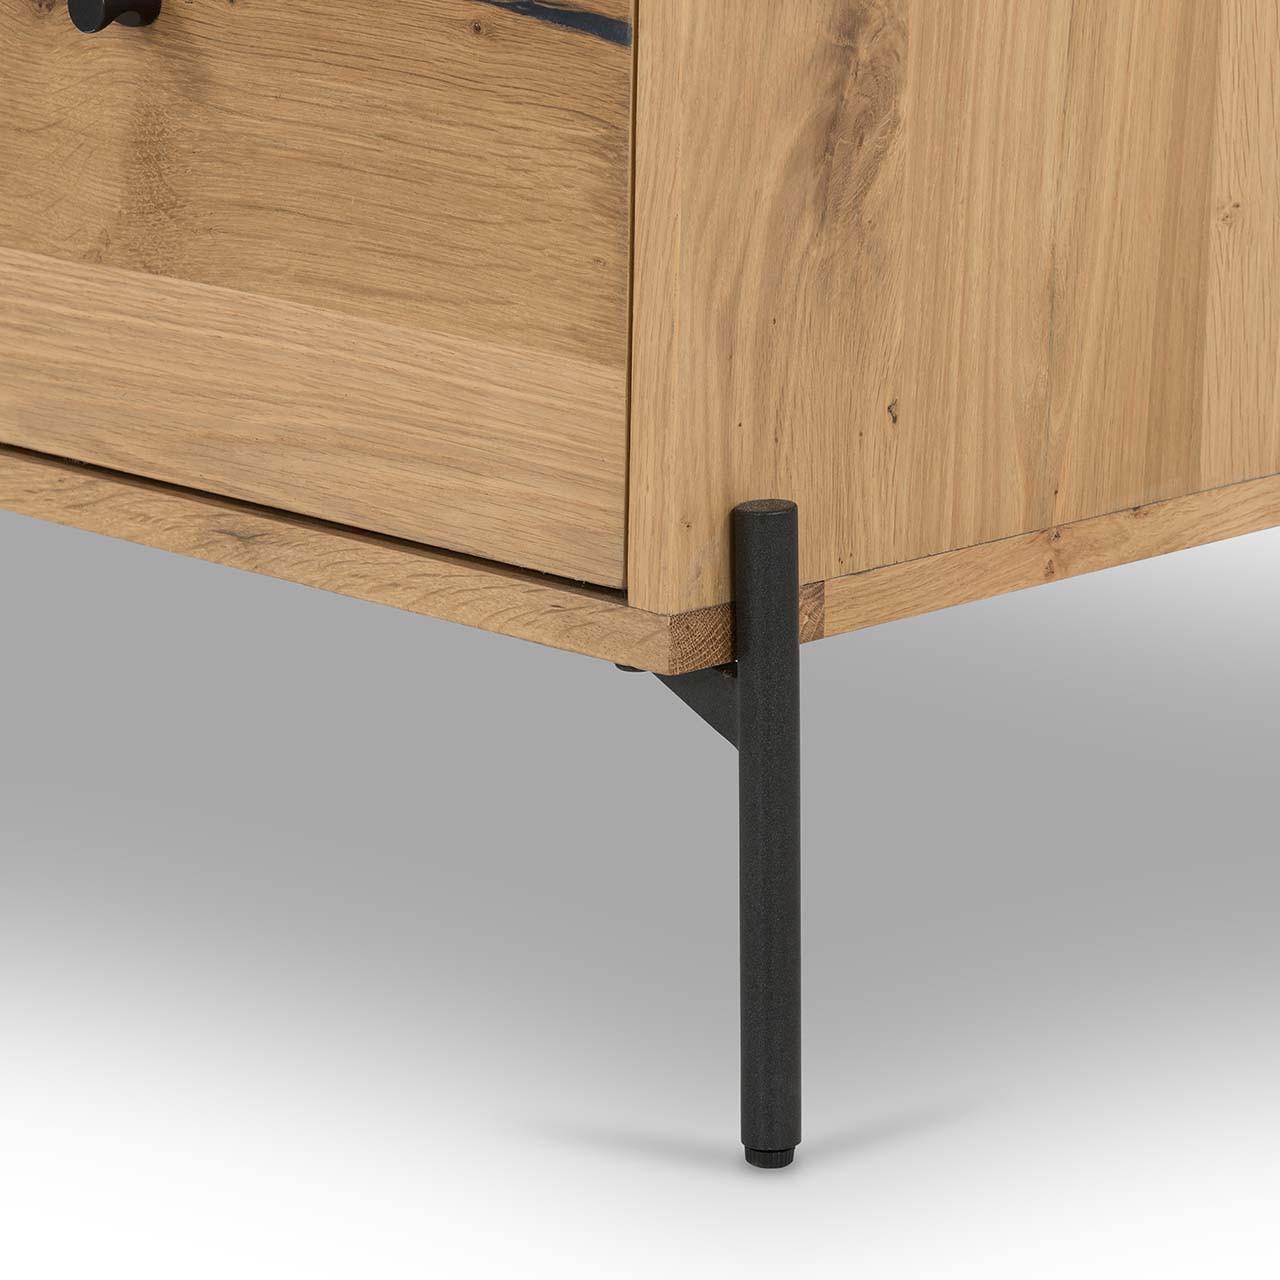 Enreo Filing Cabinet - Light Oak Resin